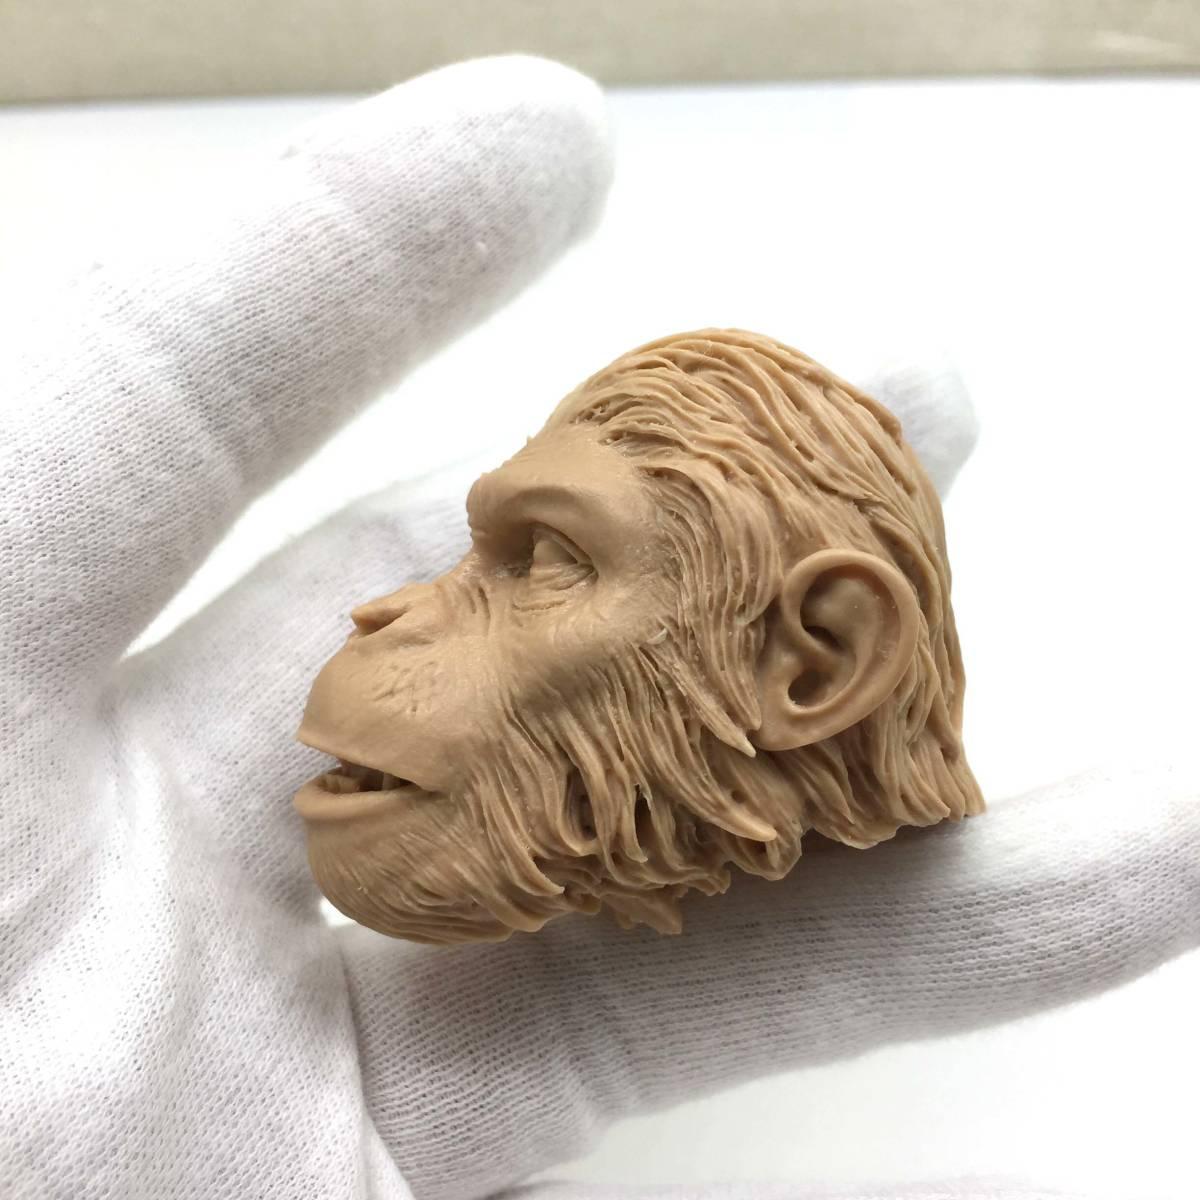 送料無料 1/6 DIY ヘッド 手作り 未塗装ヘッド 猿の惑星 番号B46_画像4